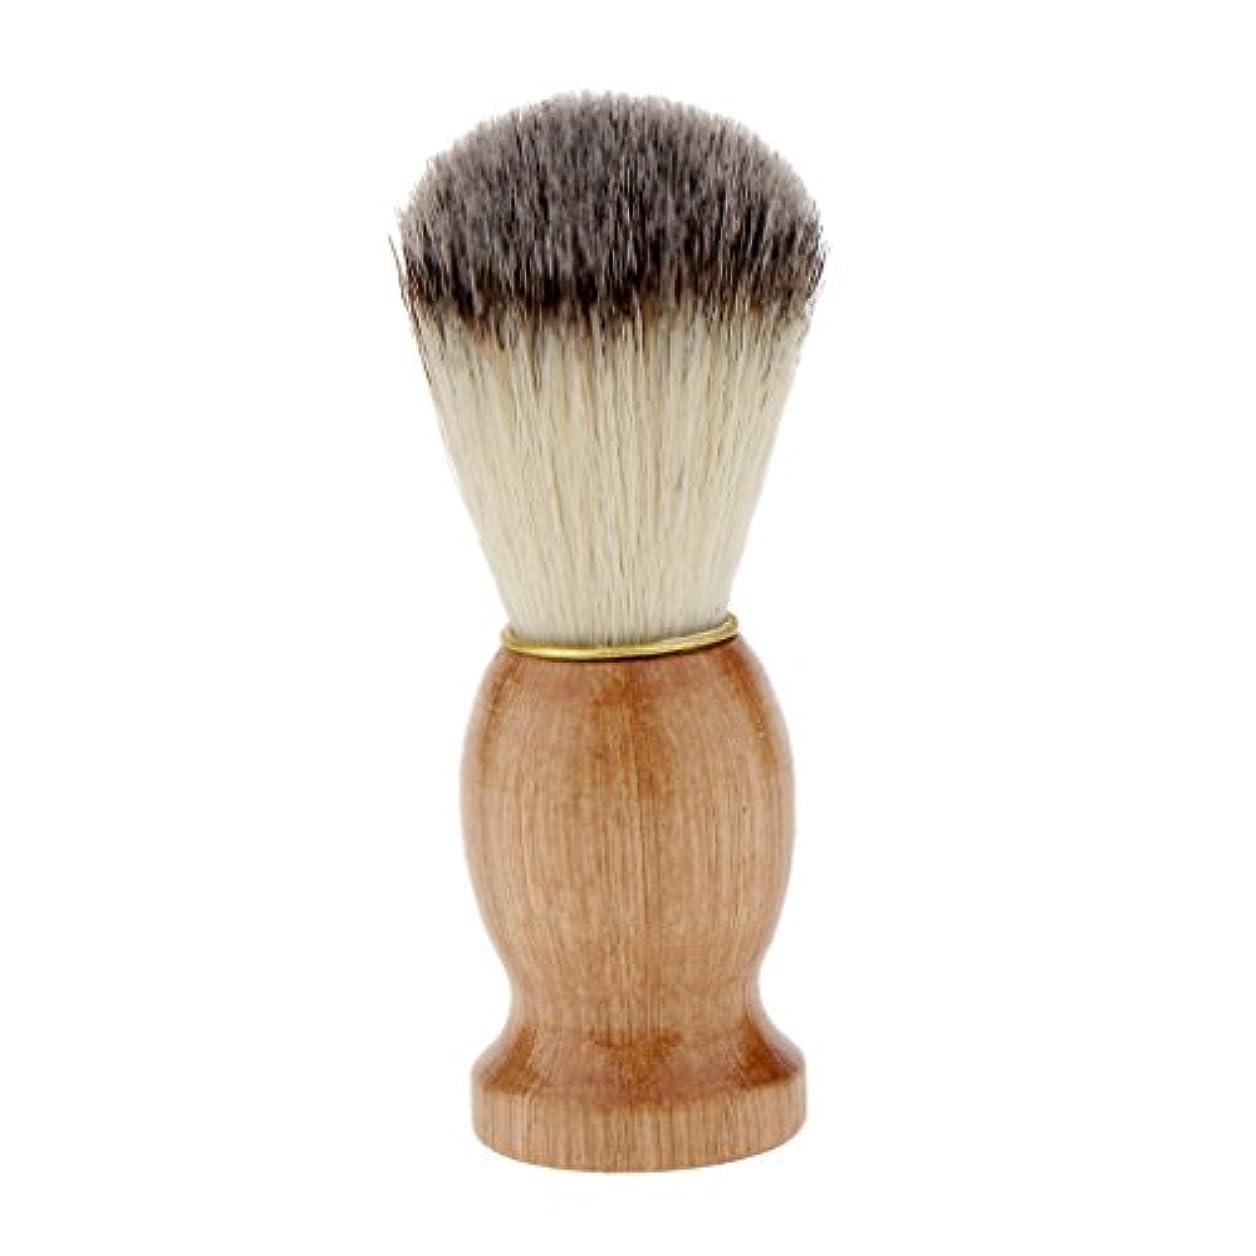 考える補う修復男性ギフト剃毛シェービングブラシプロ理髪店サロン剛毛ブラシウッドハンドルダストクリーニングツール